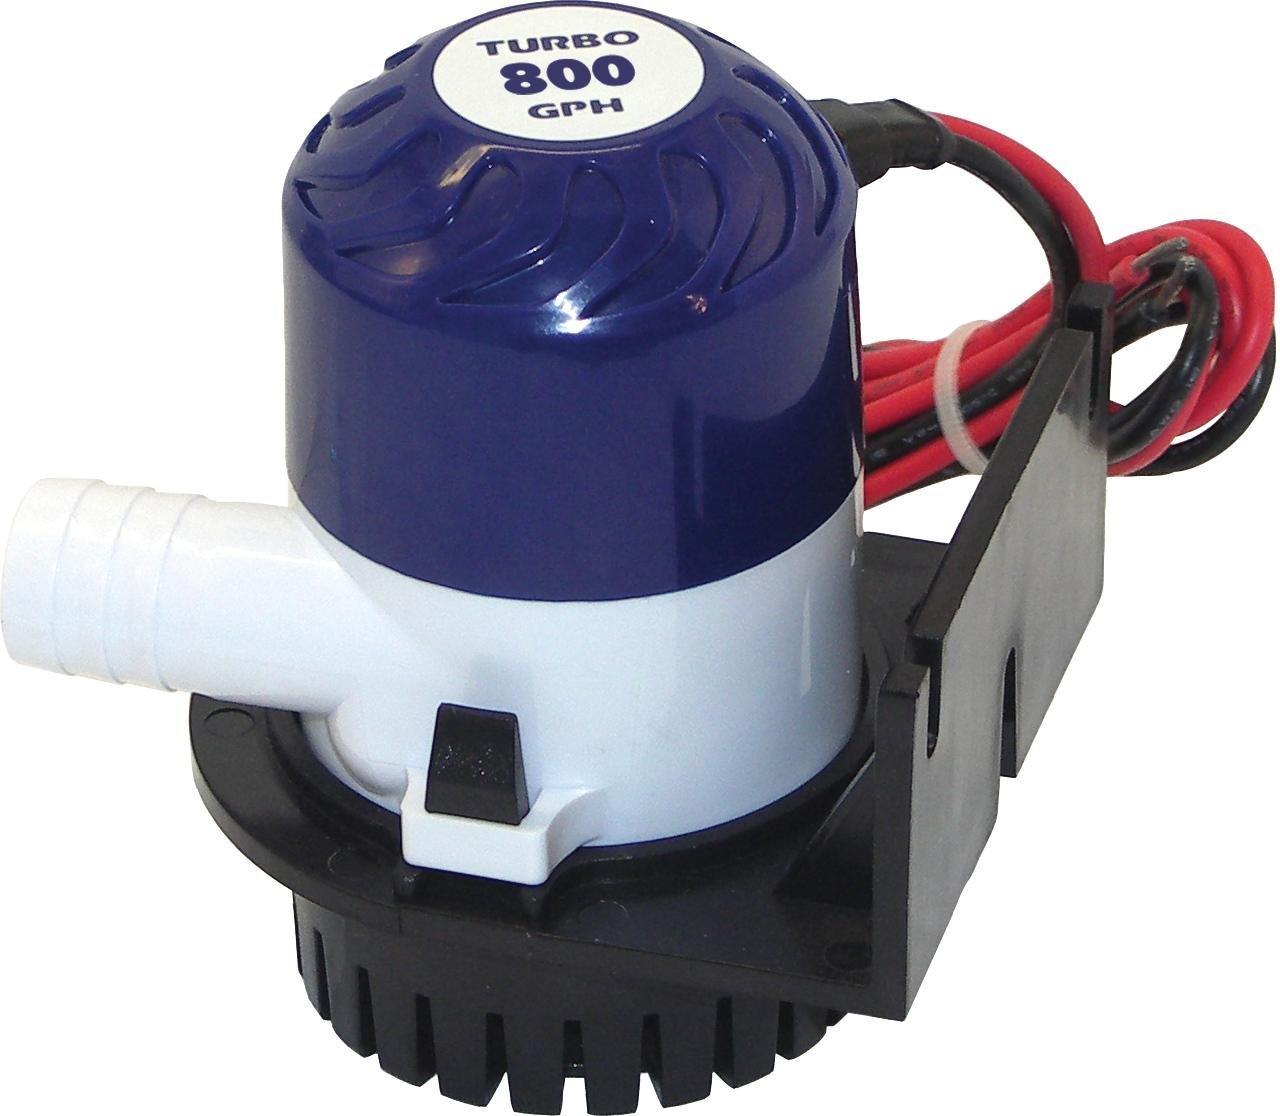 Shoreline Marine Bilge Pump 800 GPH